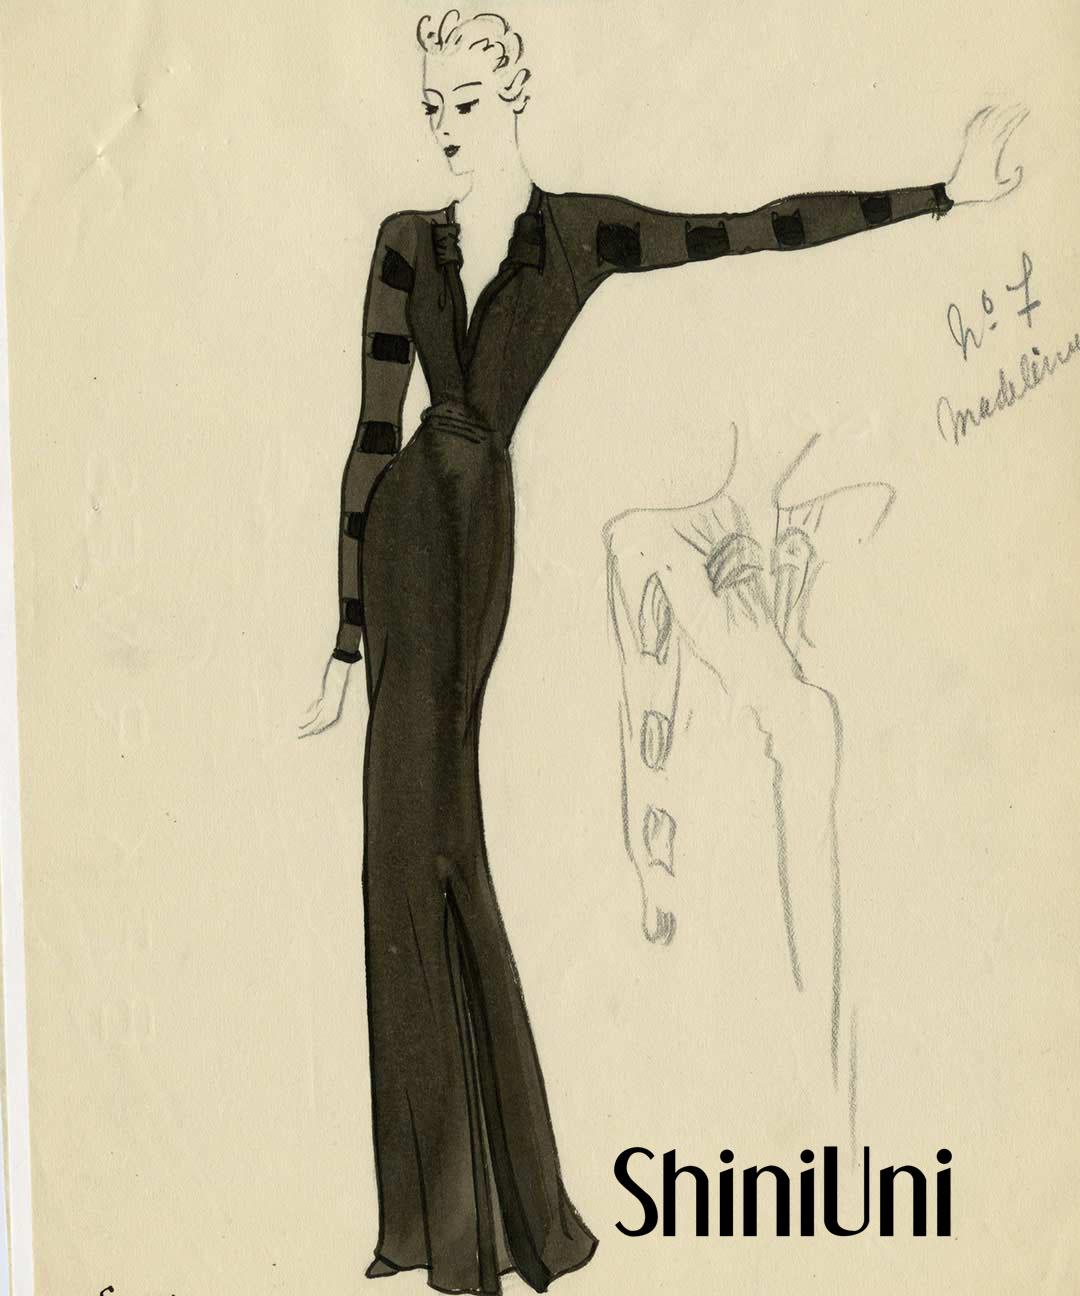 一代服装名师–巴黎世家 莎丽优丽婚纱礼服高级定制设计